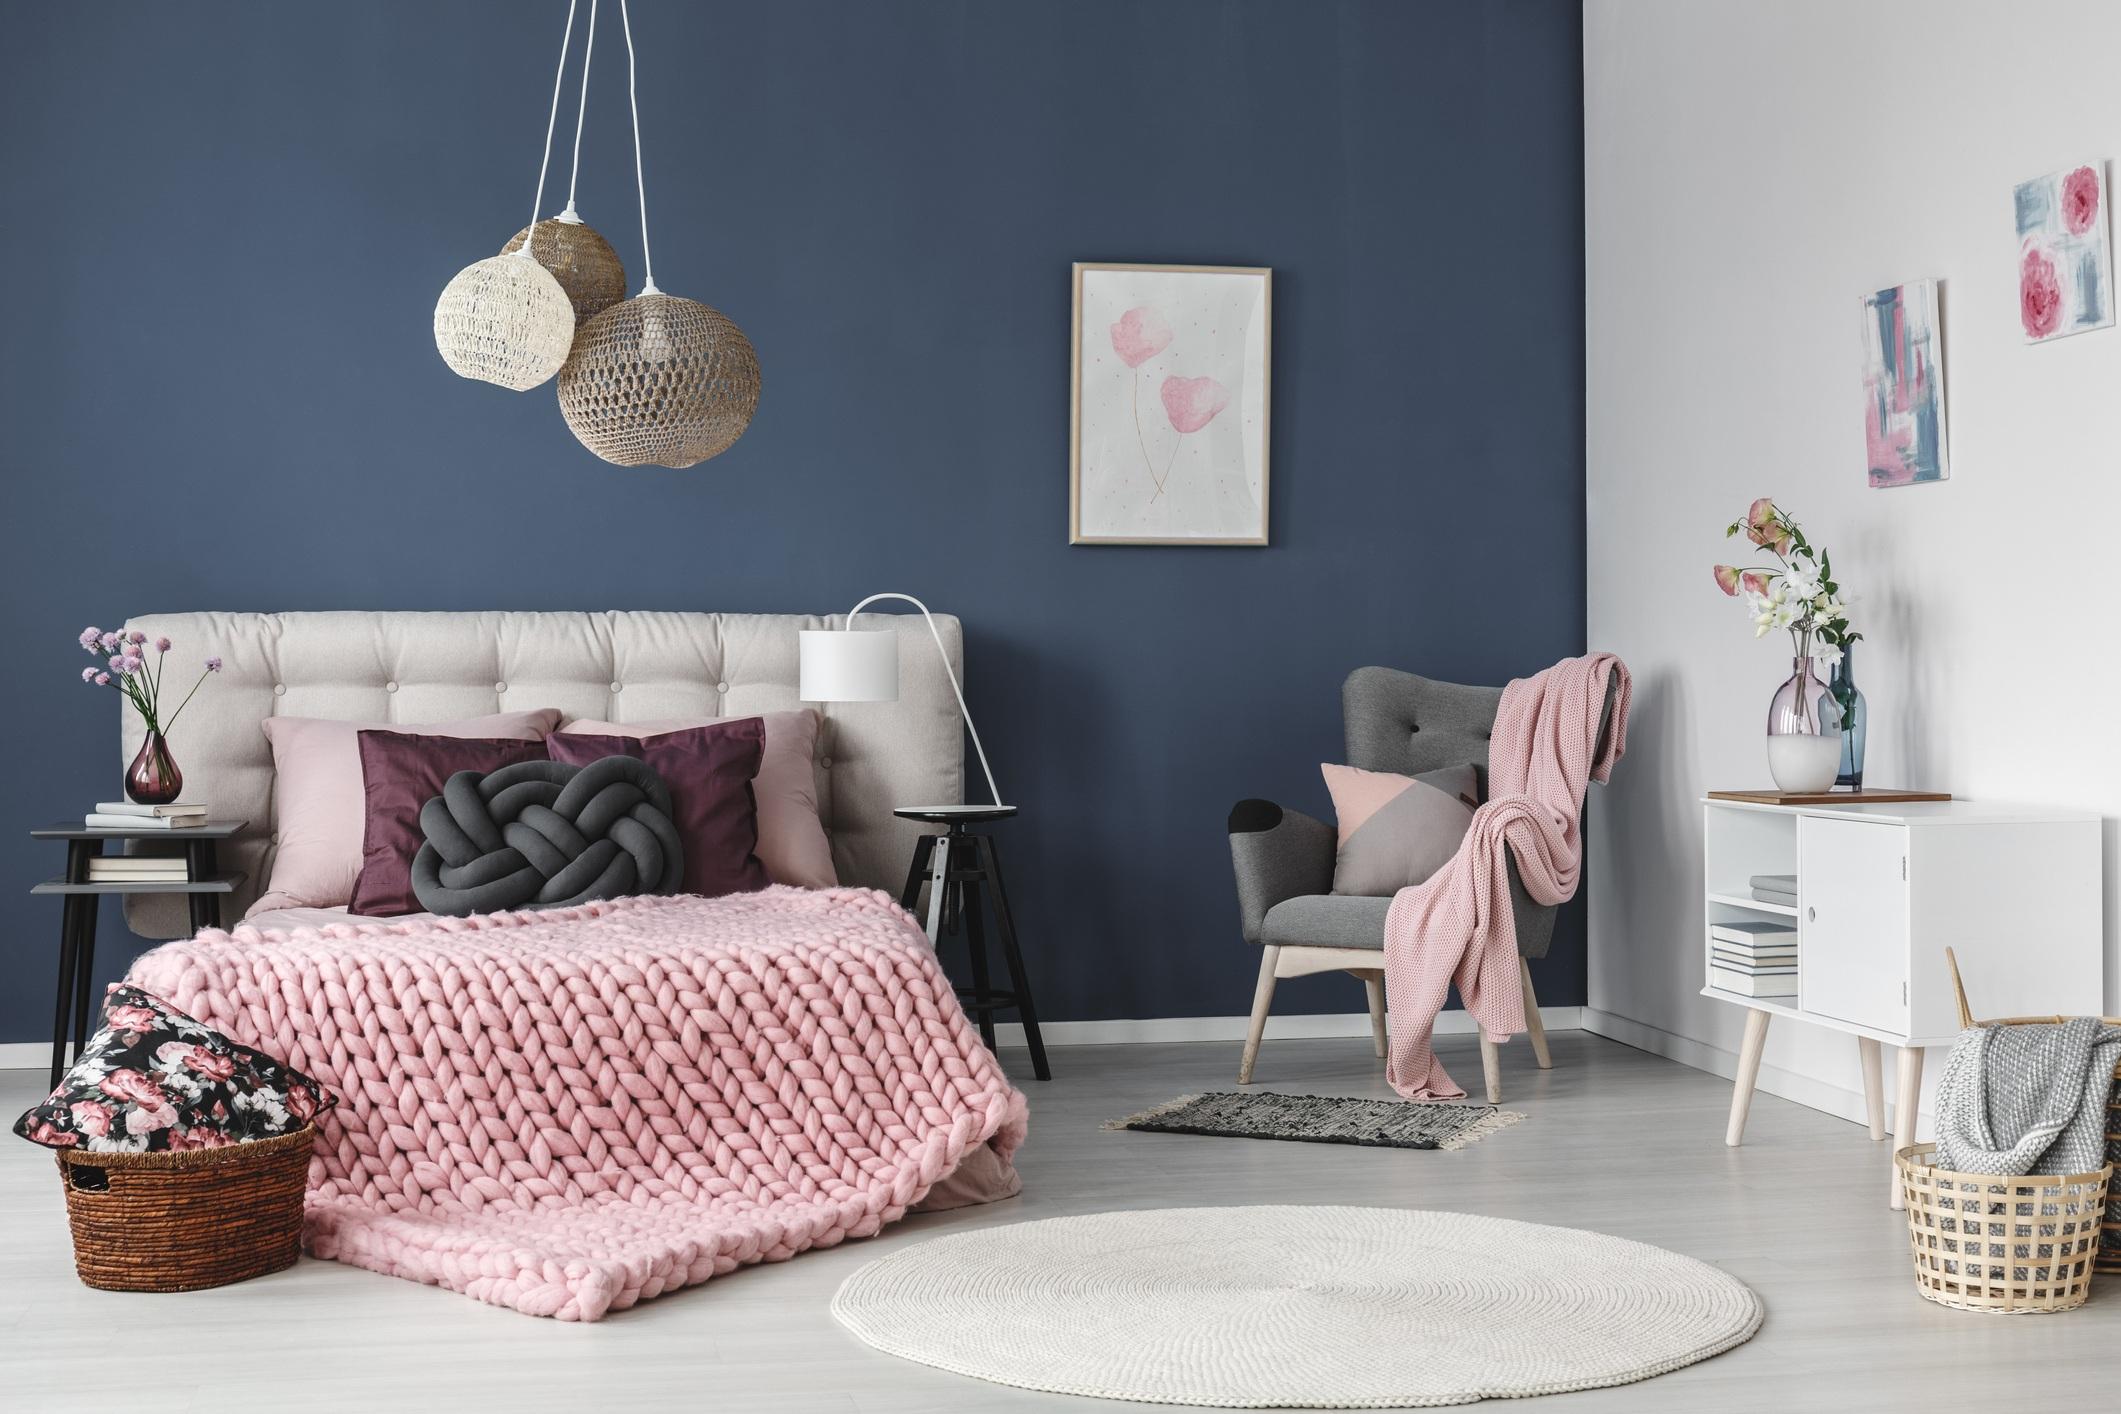 Millennial pink living room